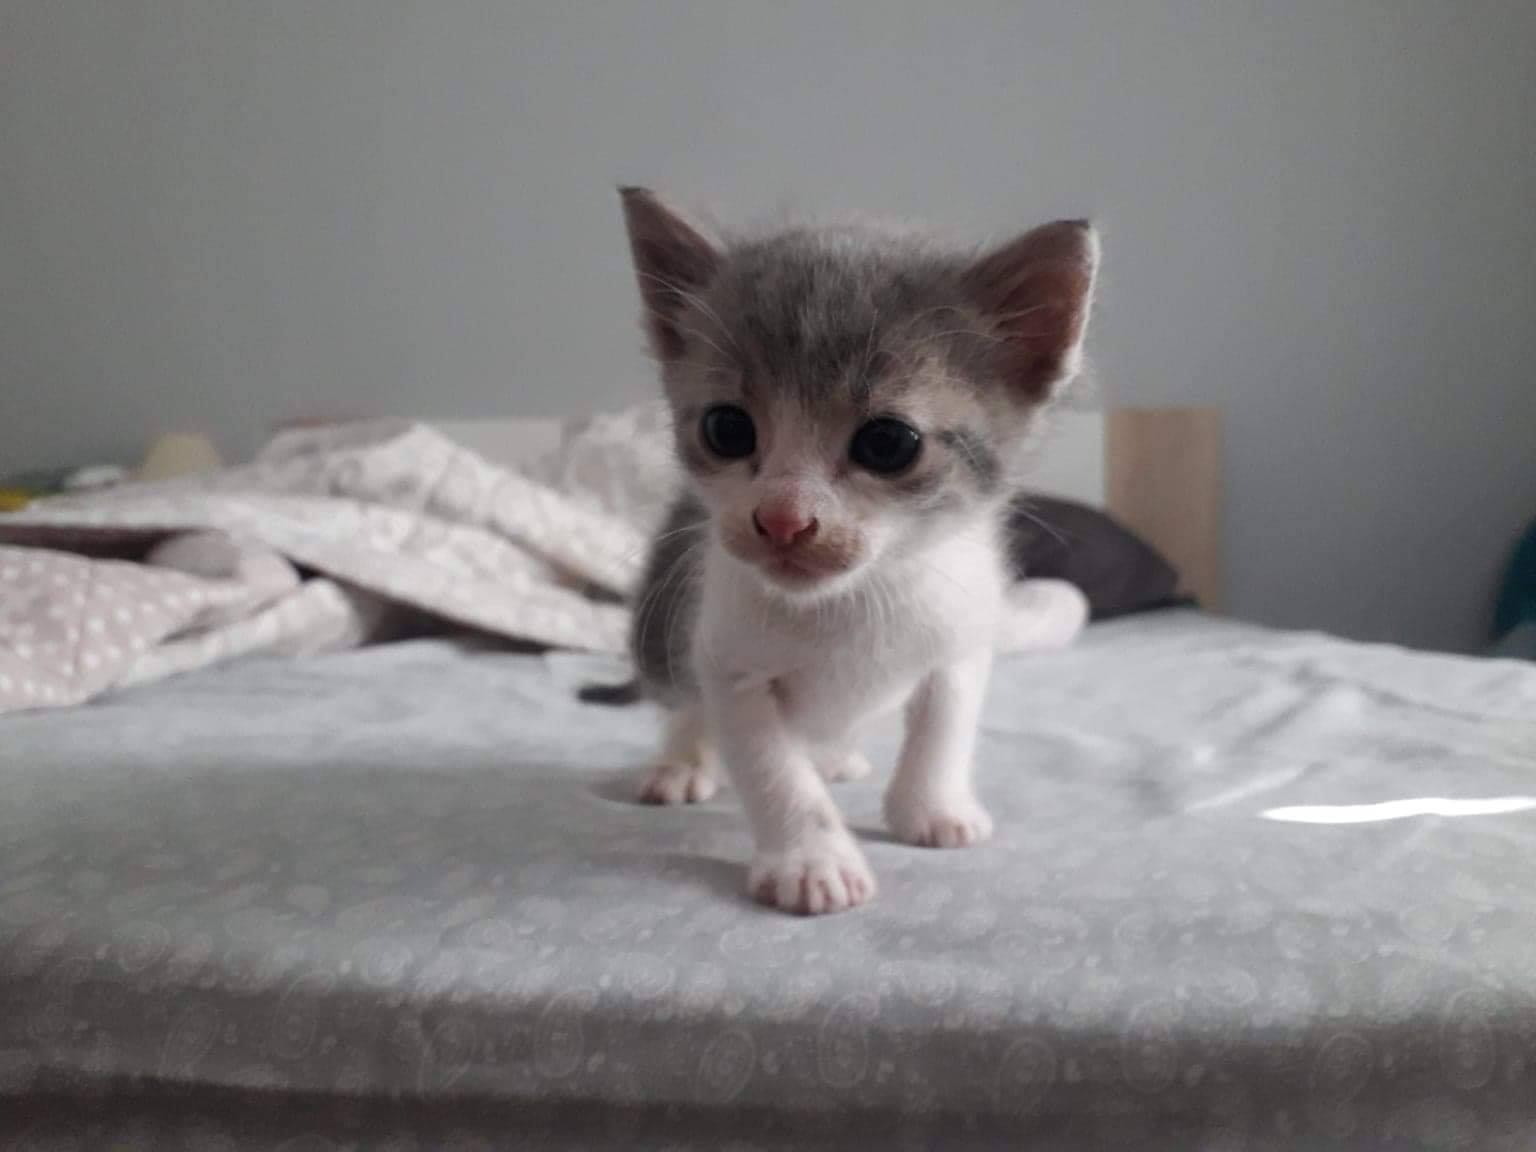 Πρόγραμμα φροντίδας αδέσποτων γατών του Δήμου Περάματος